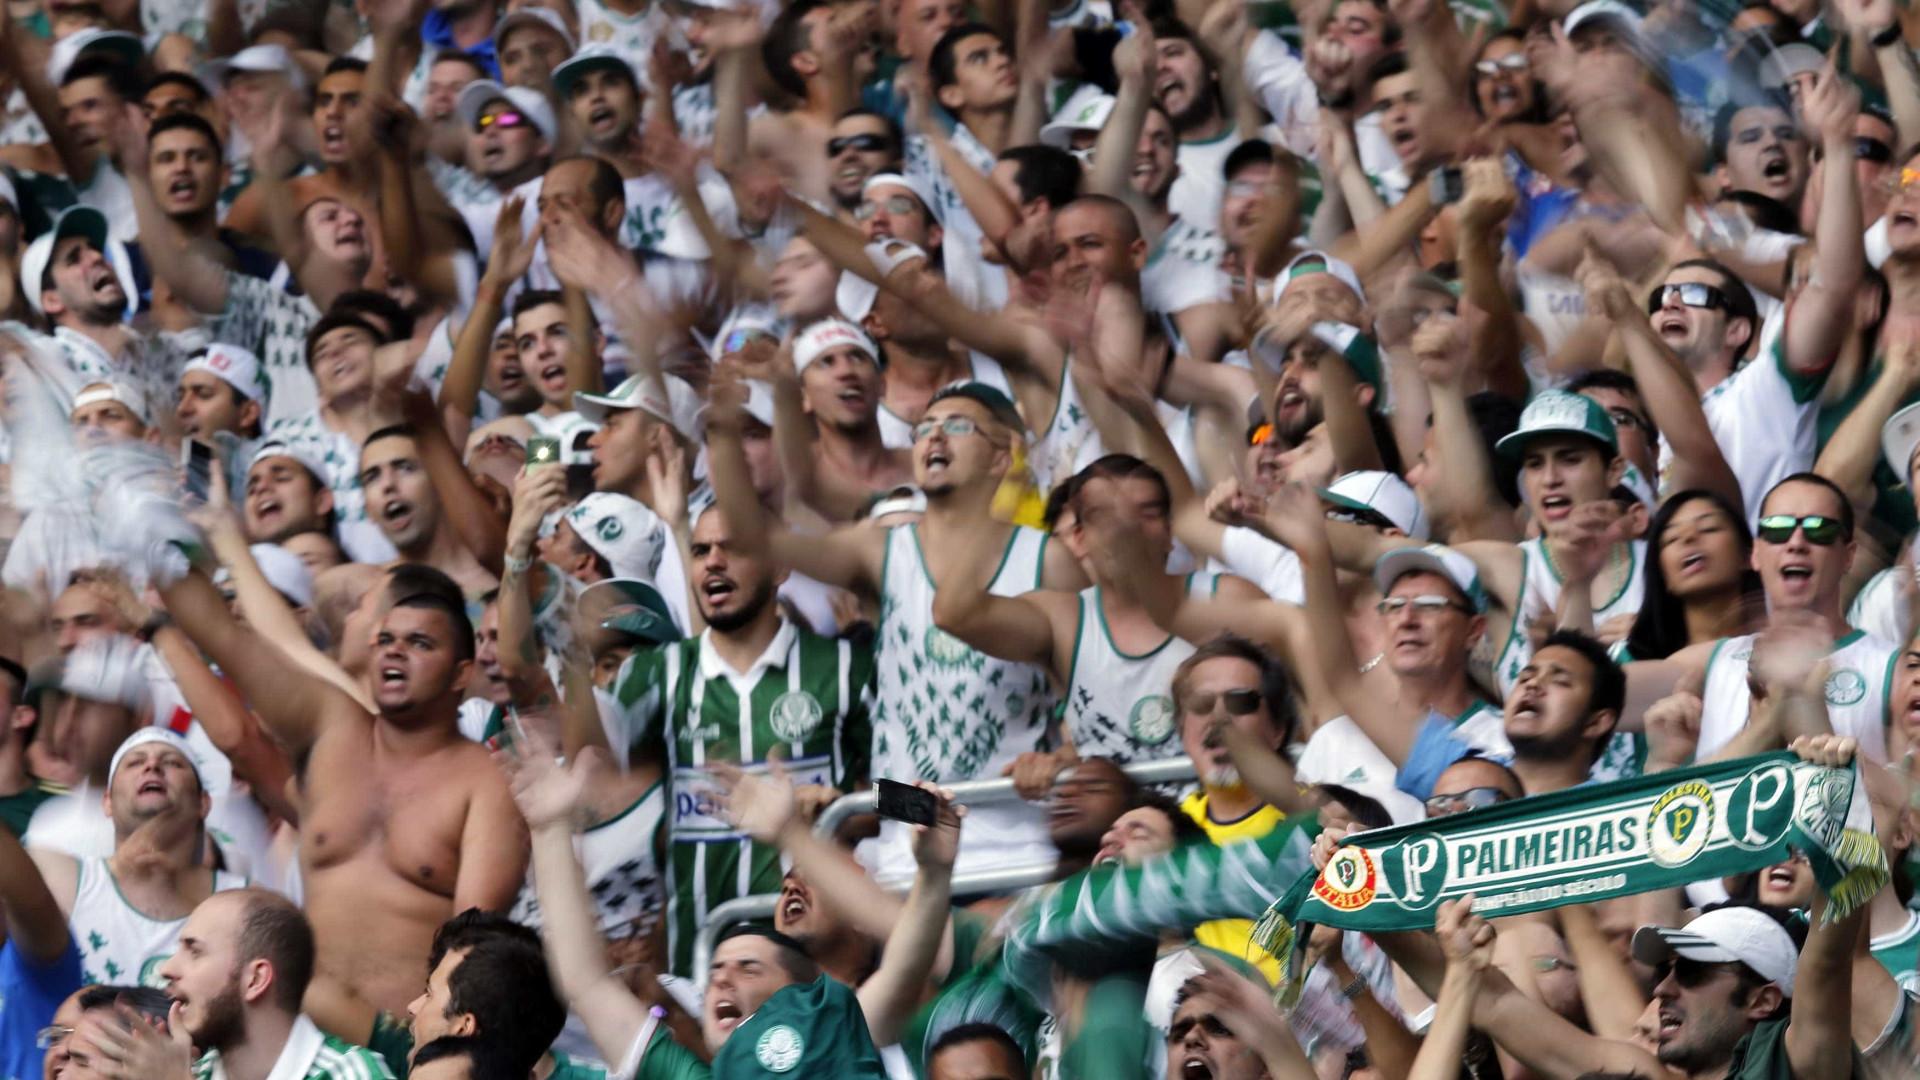 Palmeiras vende 23 mil ingressos para clássico com o São Paulo